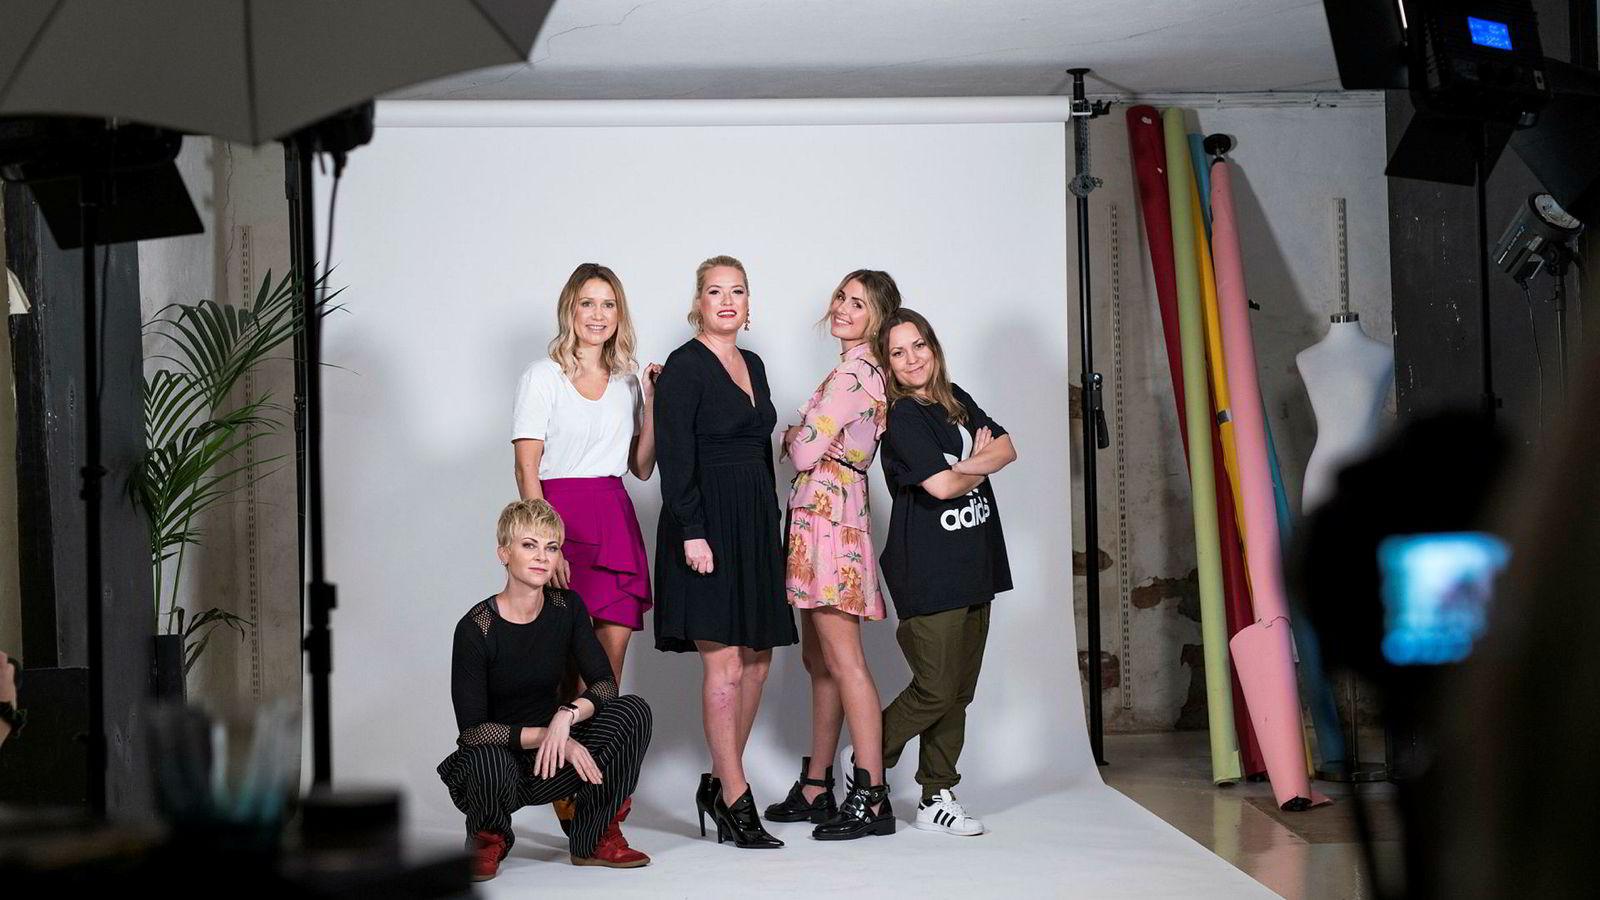 Bertine Zetlitz (fra venstre), Line Langmo, Nina Wang Gaarder, Tone Damli og Anne Grethe Starheim på promofilminnspilling hos Girl Crush i forbindelse med lanseringen av nettmagasinet Dailystory.